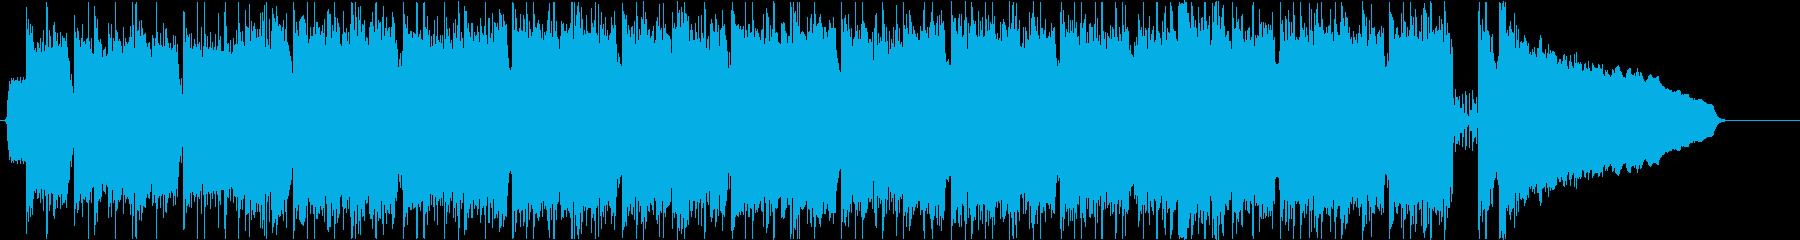 ギターリフの重いメタル曲の再生済みの波形